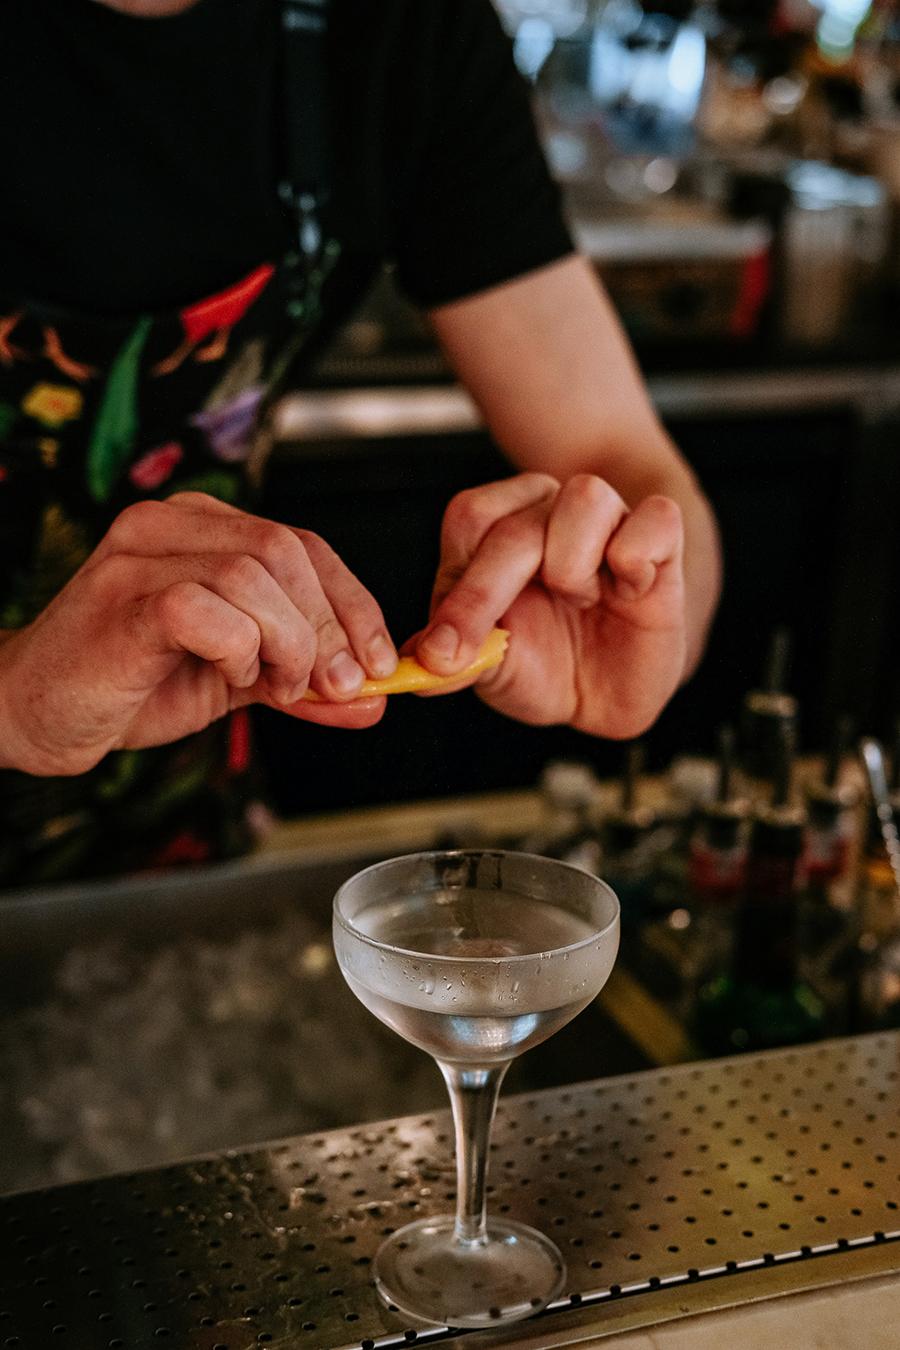 bartender torcendo zest de laranja